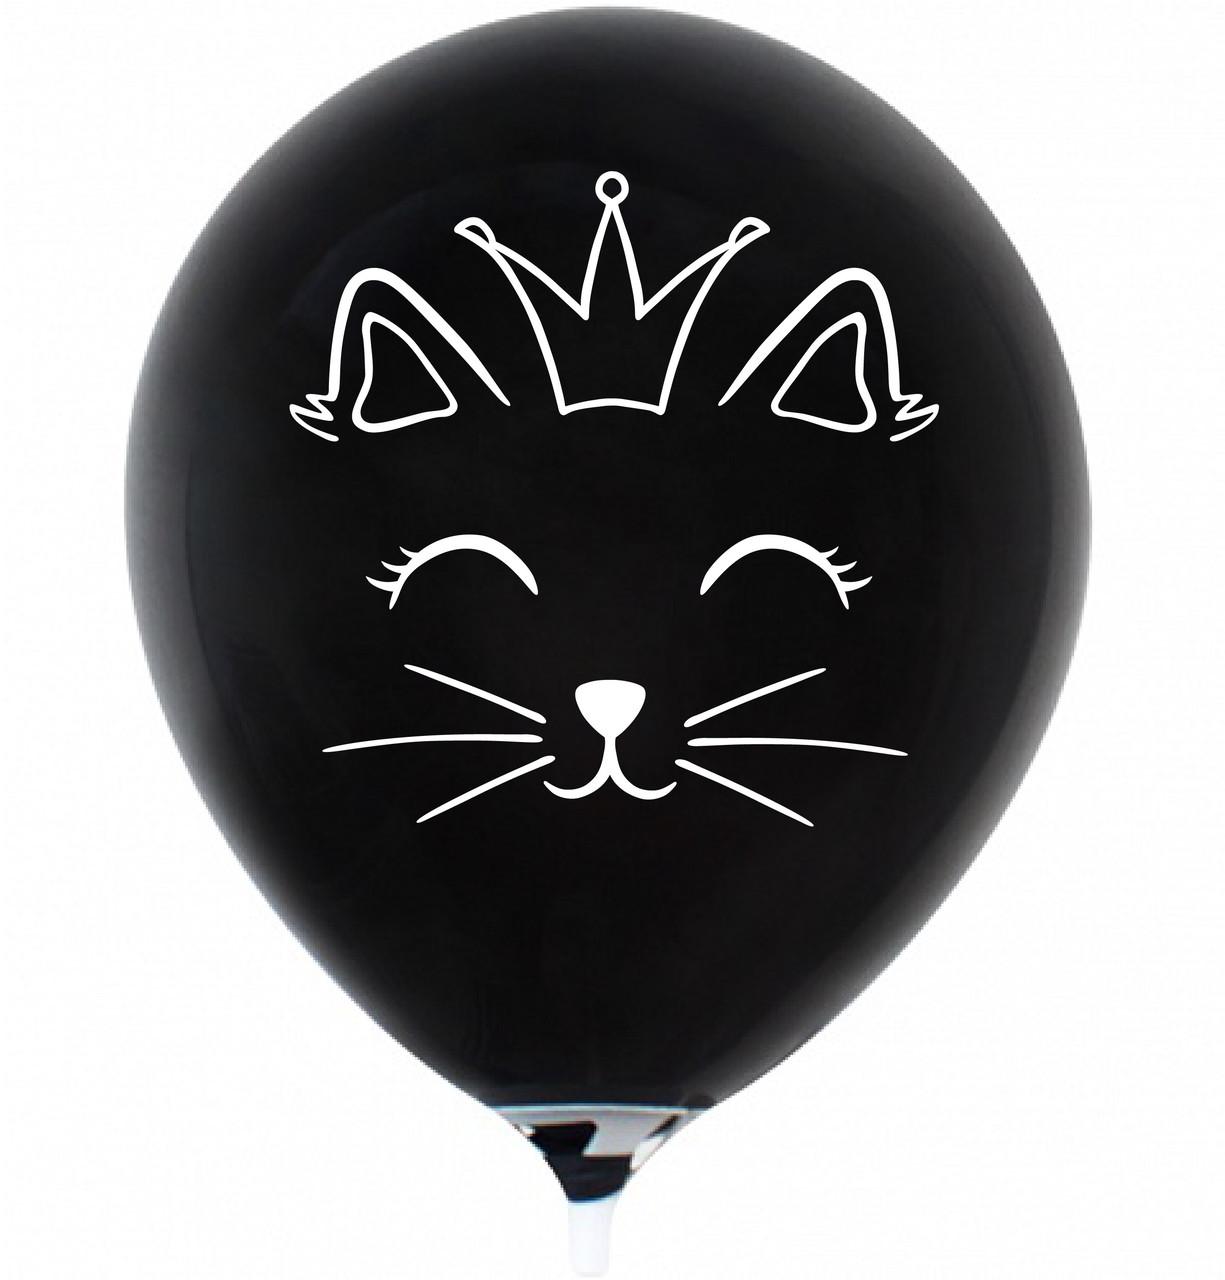 """Латексна кулька 12"""" чорна з малюнком """"Котик з короною"""" (КИТАЙ)"""